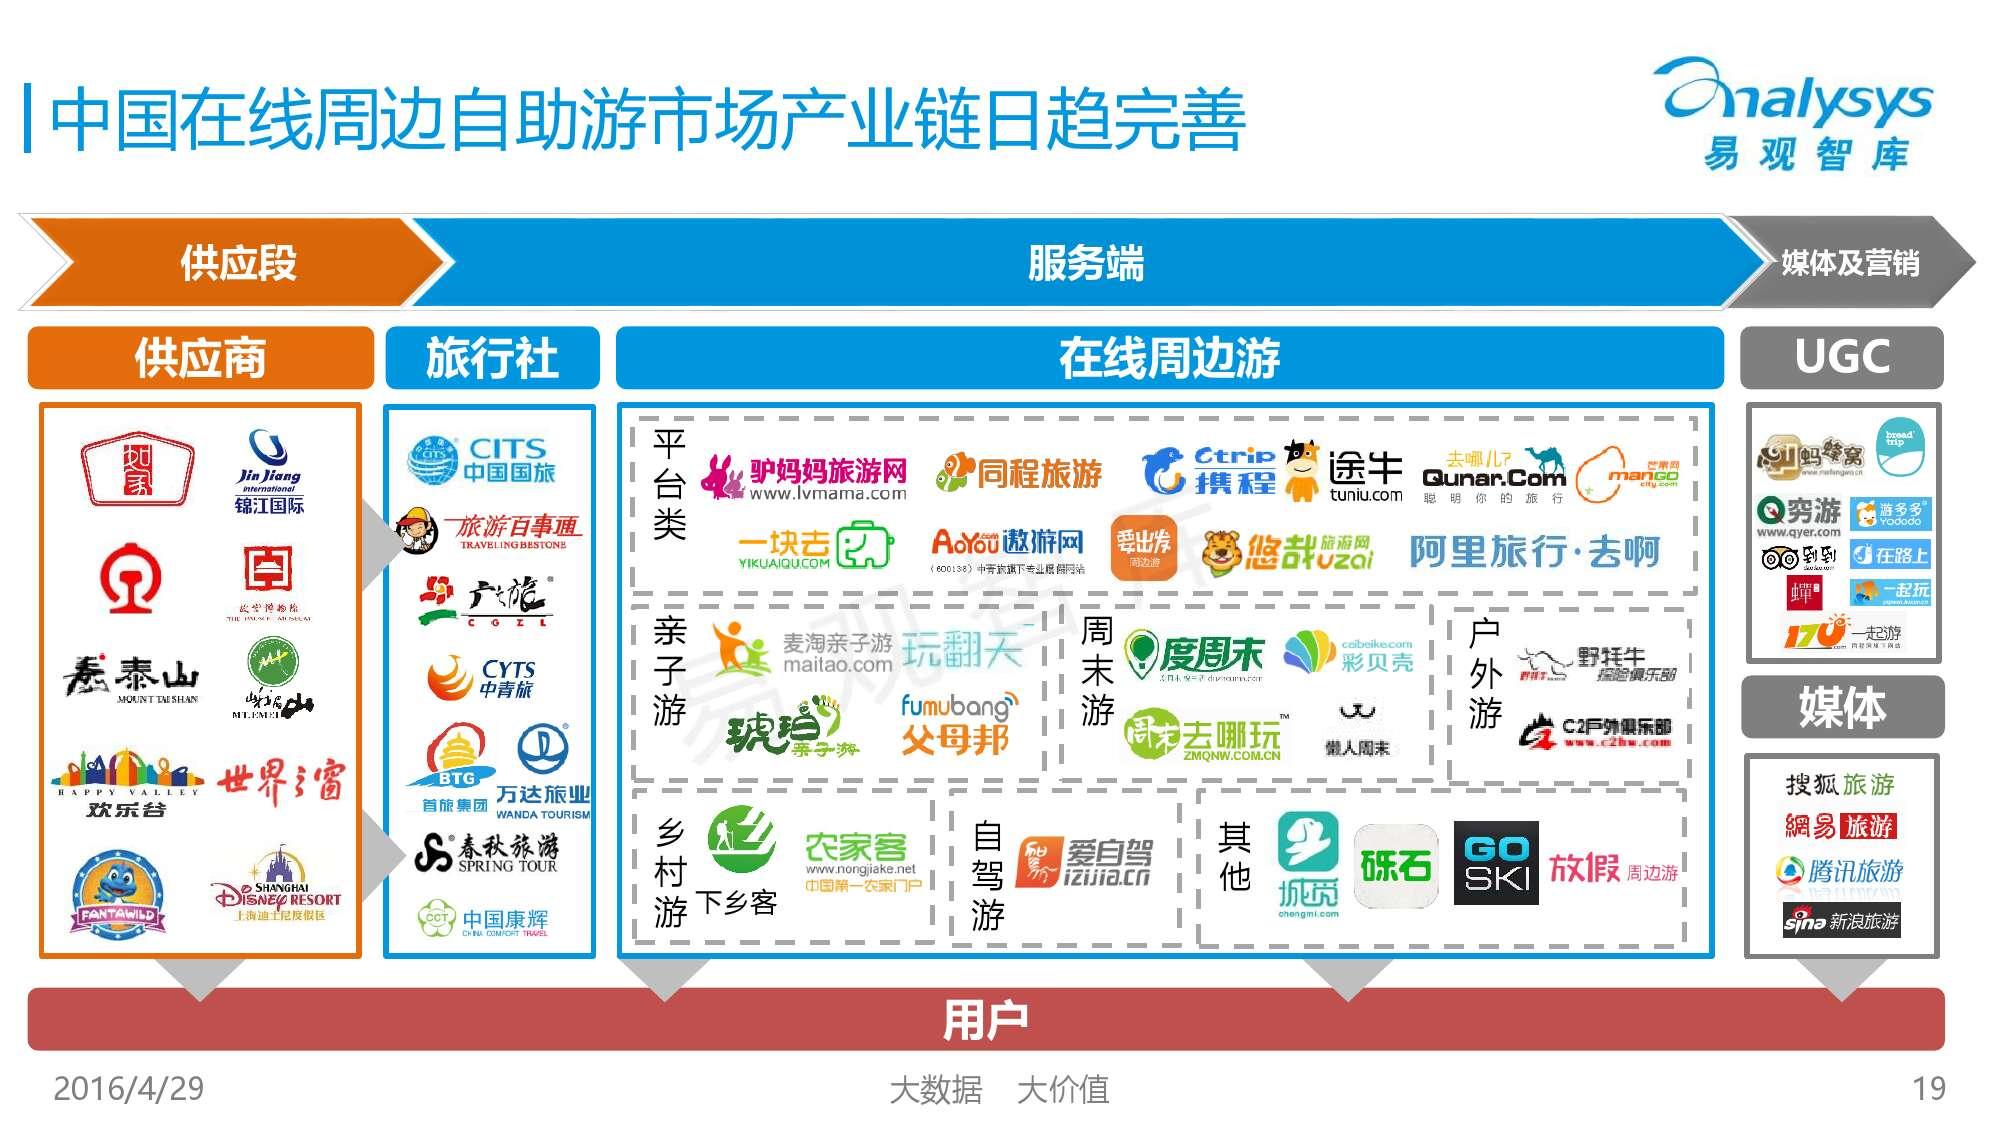 中国在线周边自助游市场专题研究报告2016_000019